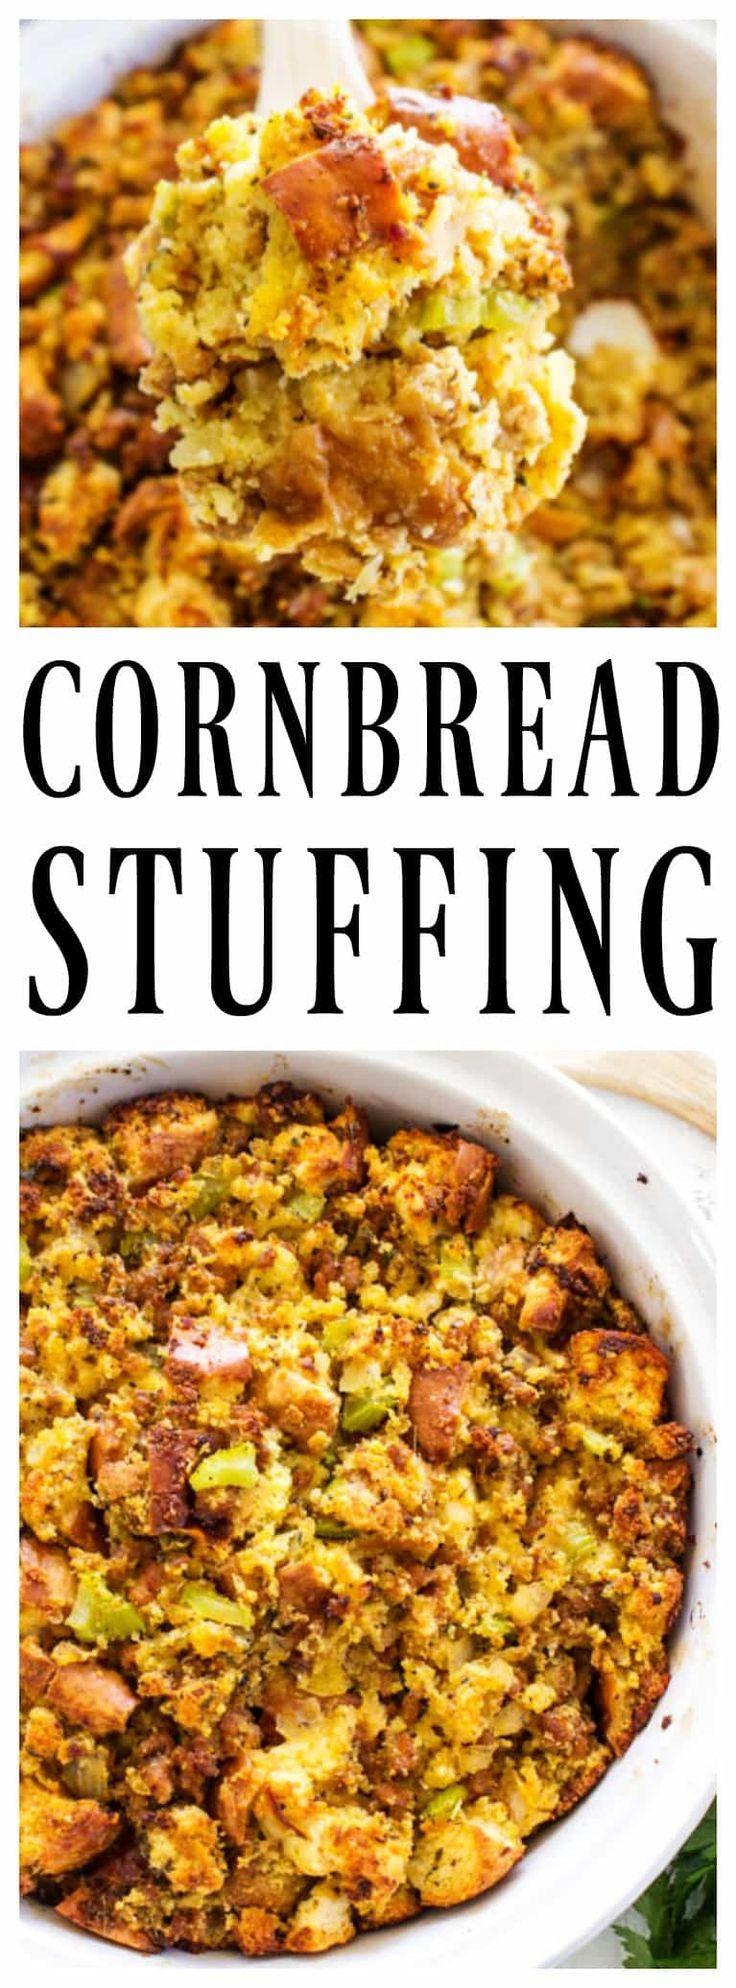 Best 25+ Cornbread stuffing ideas on Pinterest | Corn ...